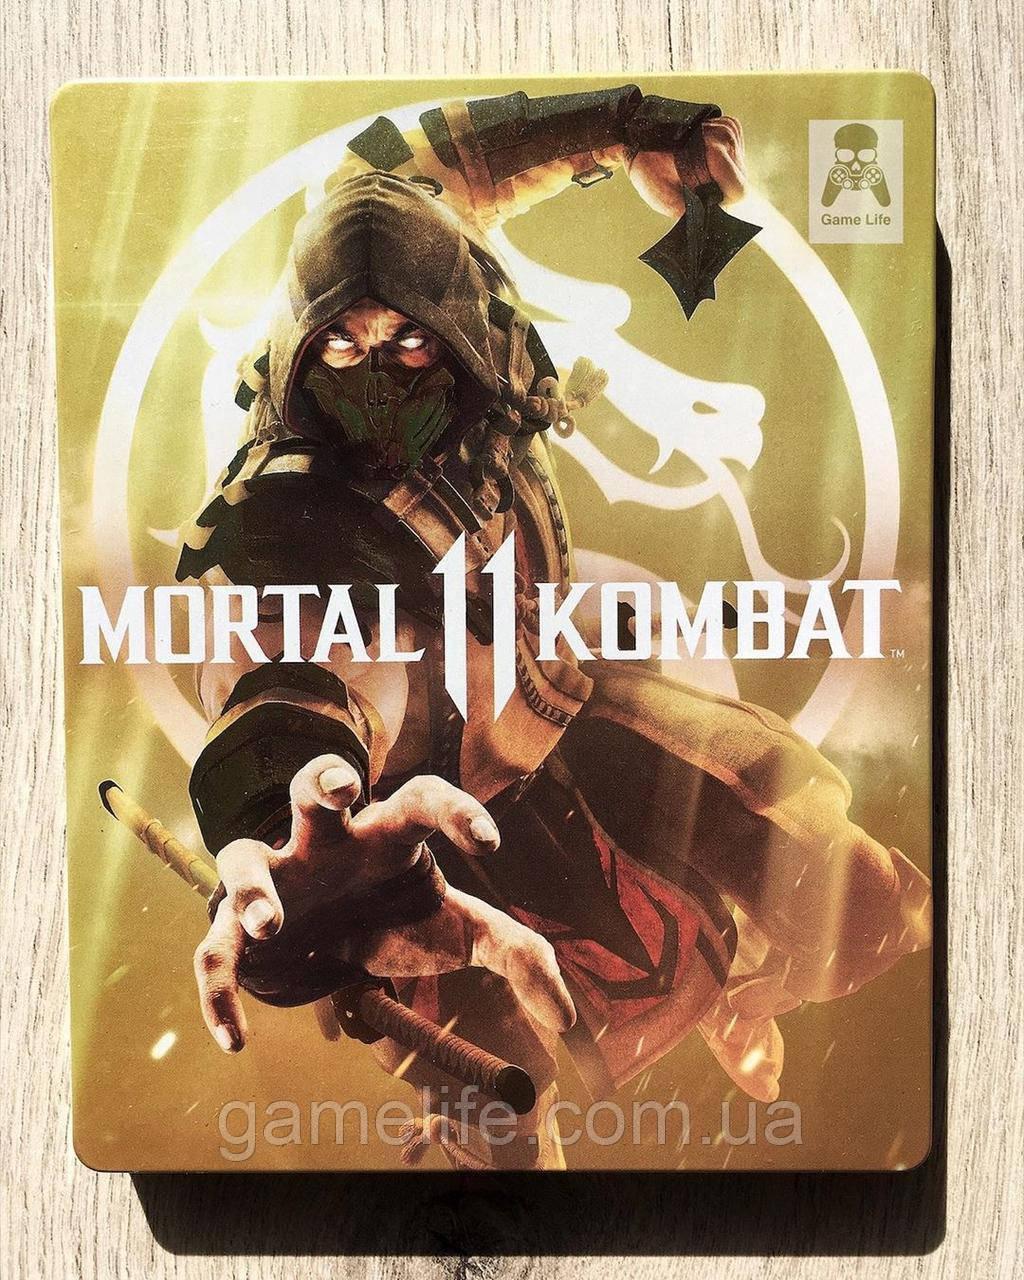 Mortal kombat 11 Steelbook (рус. суб.) (б/у) PS4